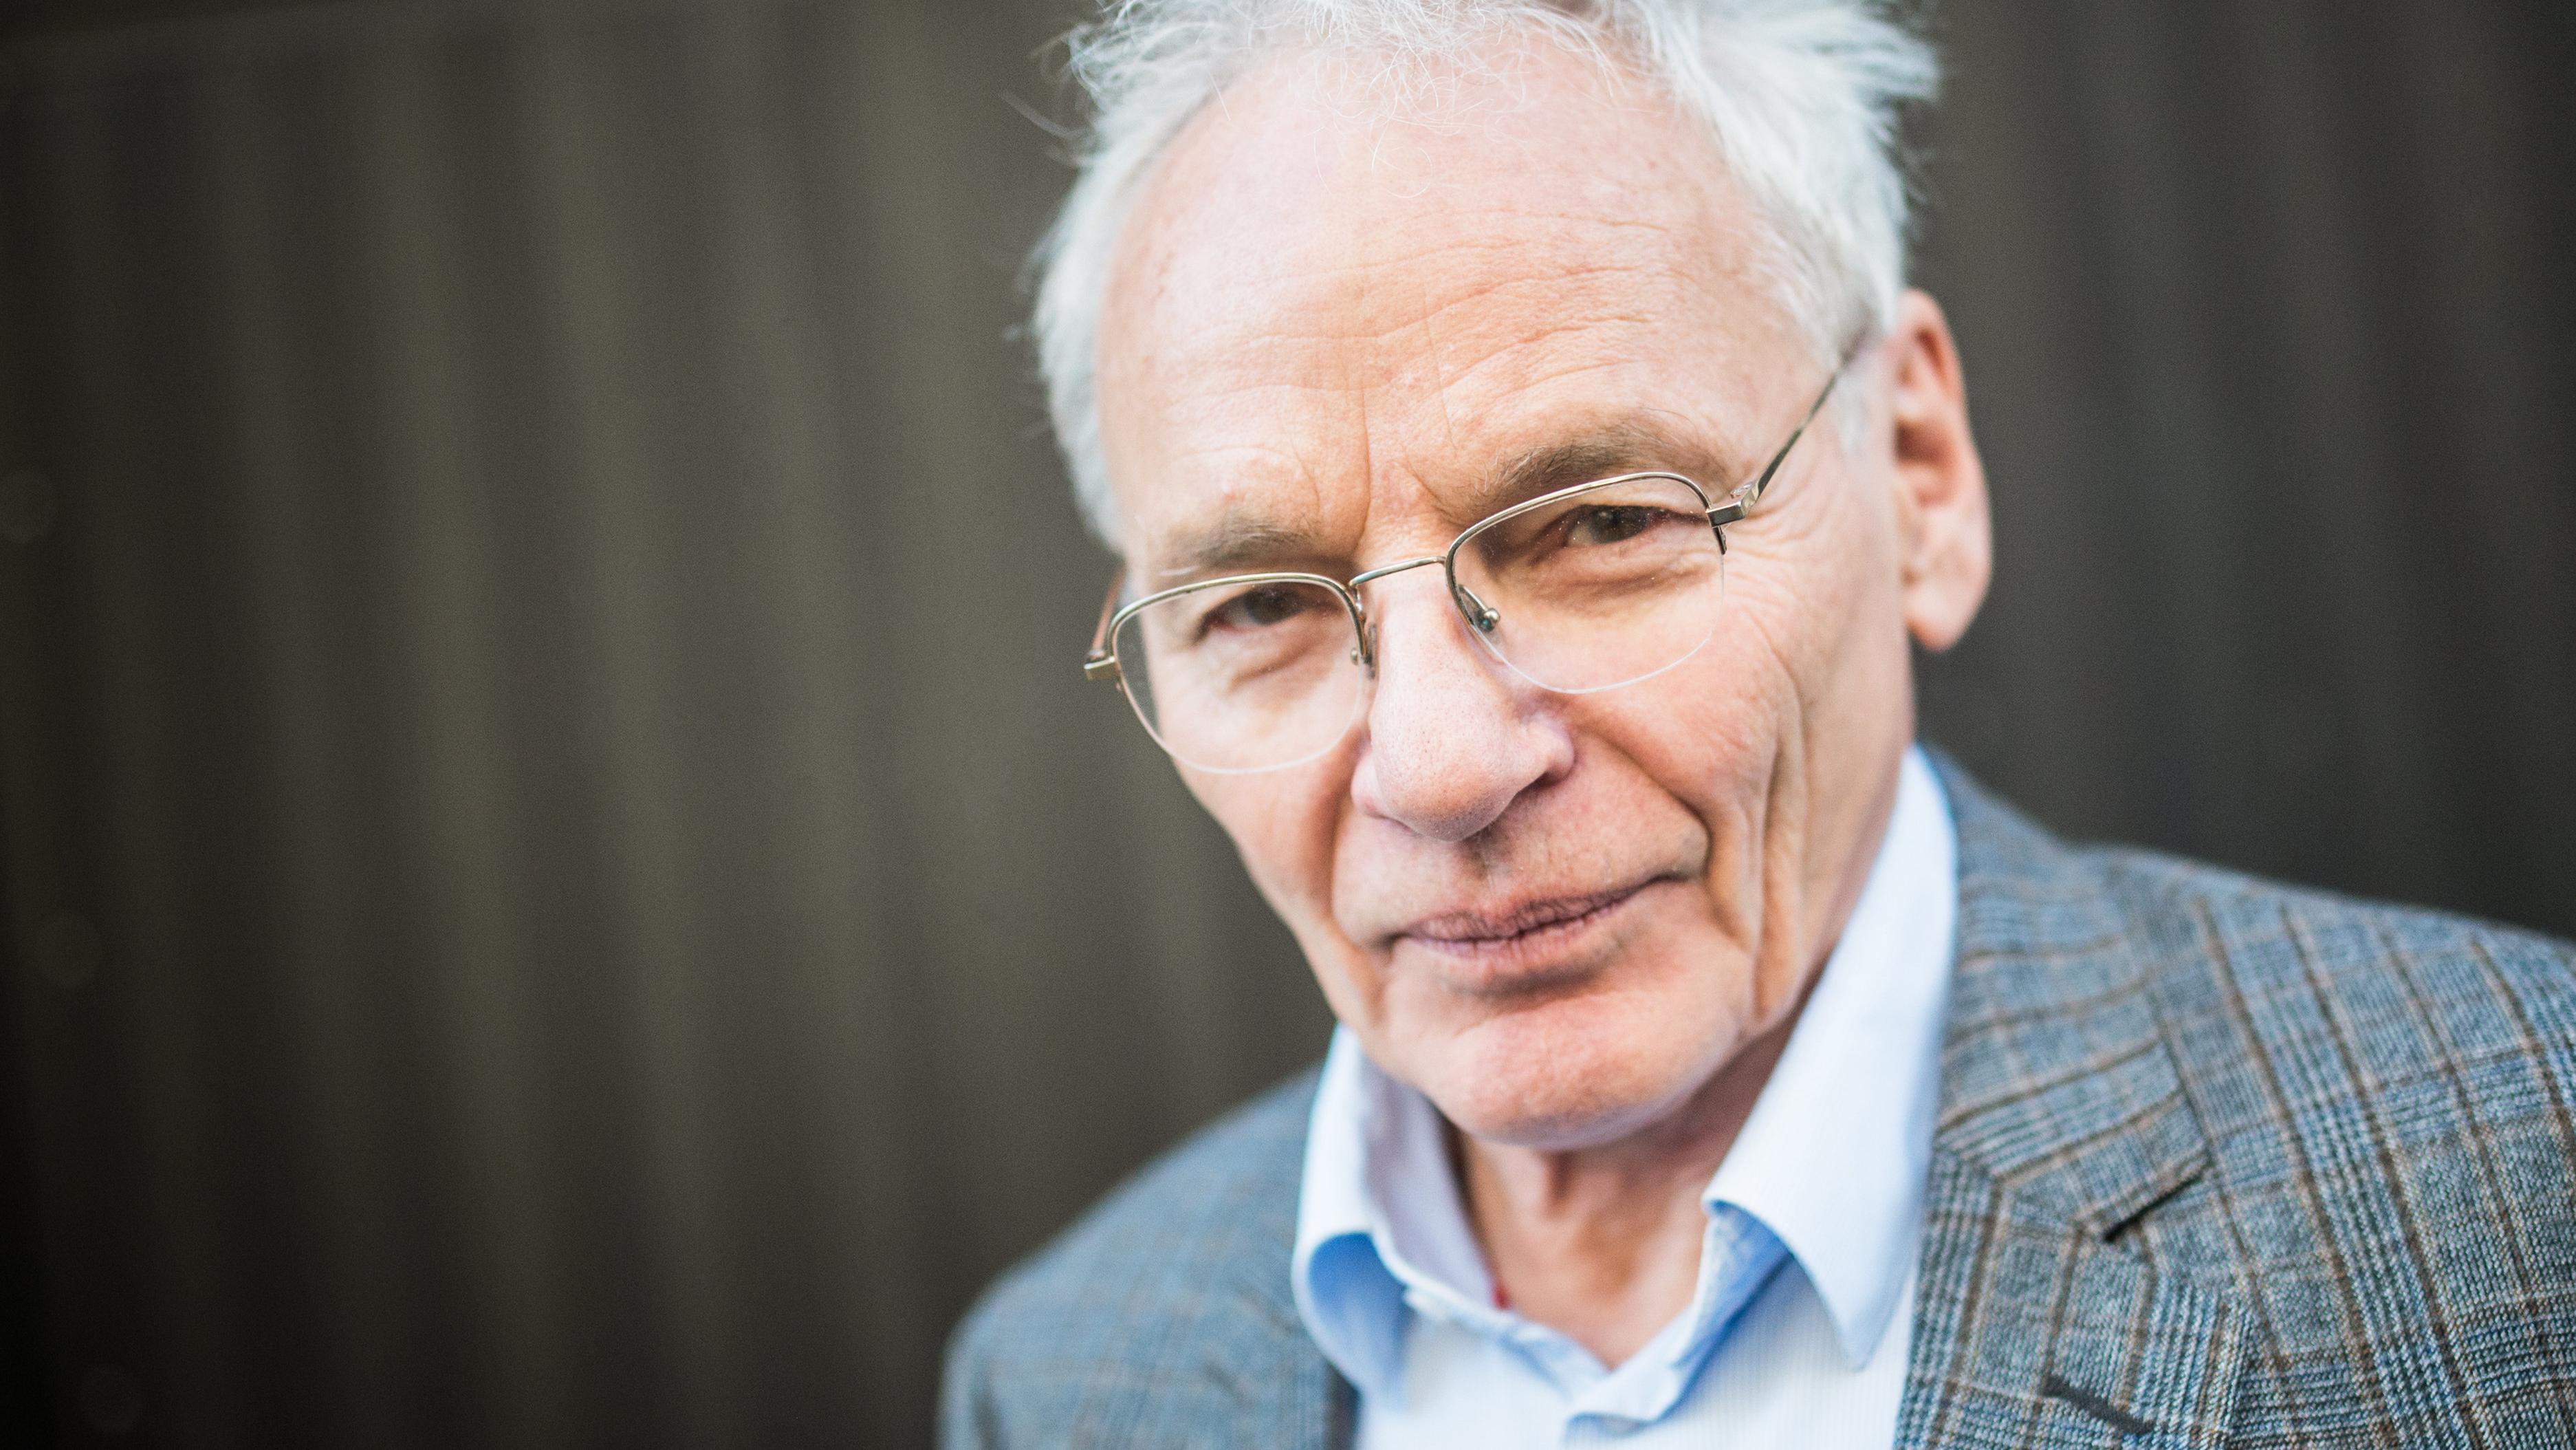 Historiker und Journalist Götz Aly blickt in die Kamera